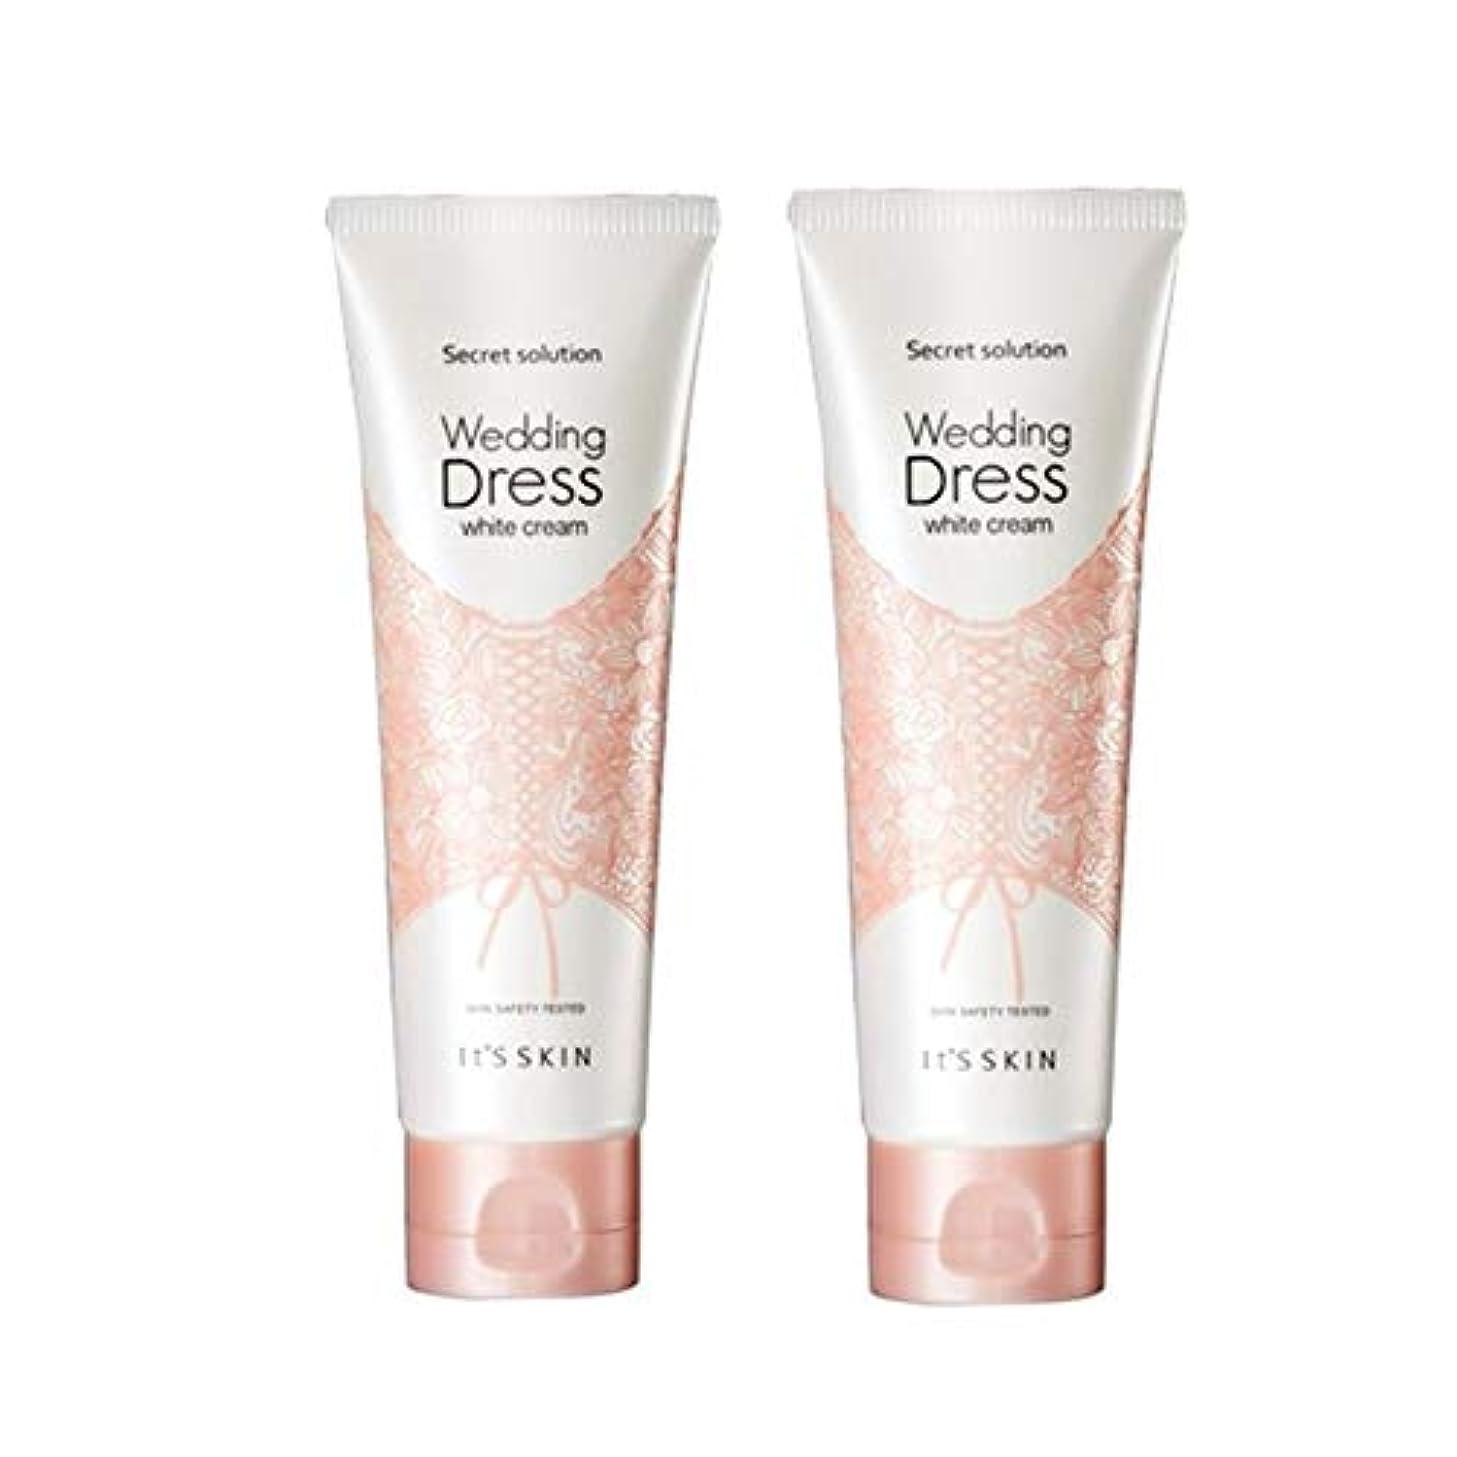 見分ける枯れる葉を集めるイッツスキンのシークレット?ソリューションウェディングドレス?ホワイトクリーム100mlx 2本セット、It's Skin Secret Solution Wedding Dress White Cream 100ml...